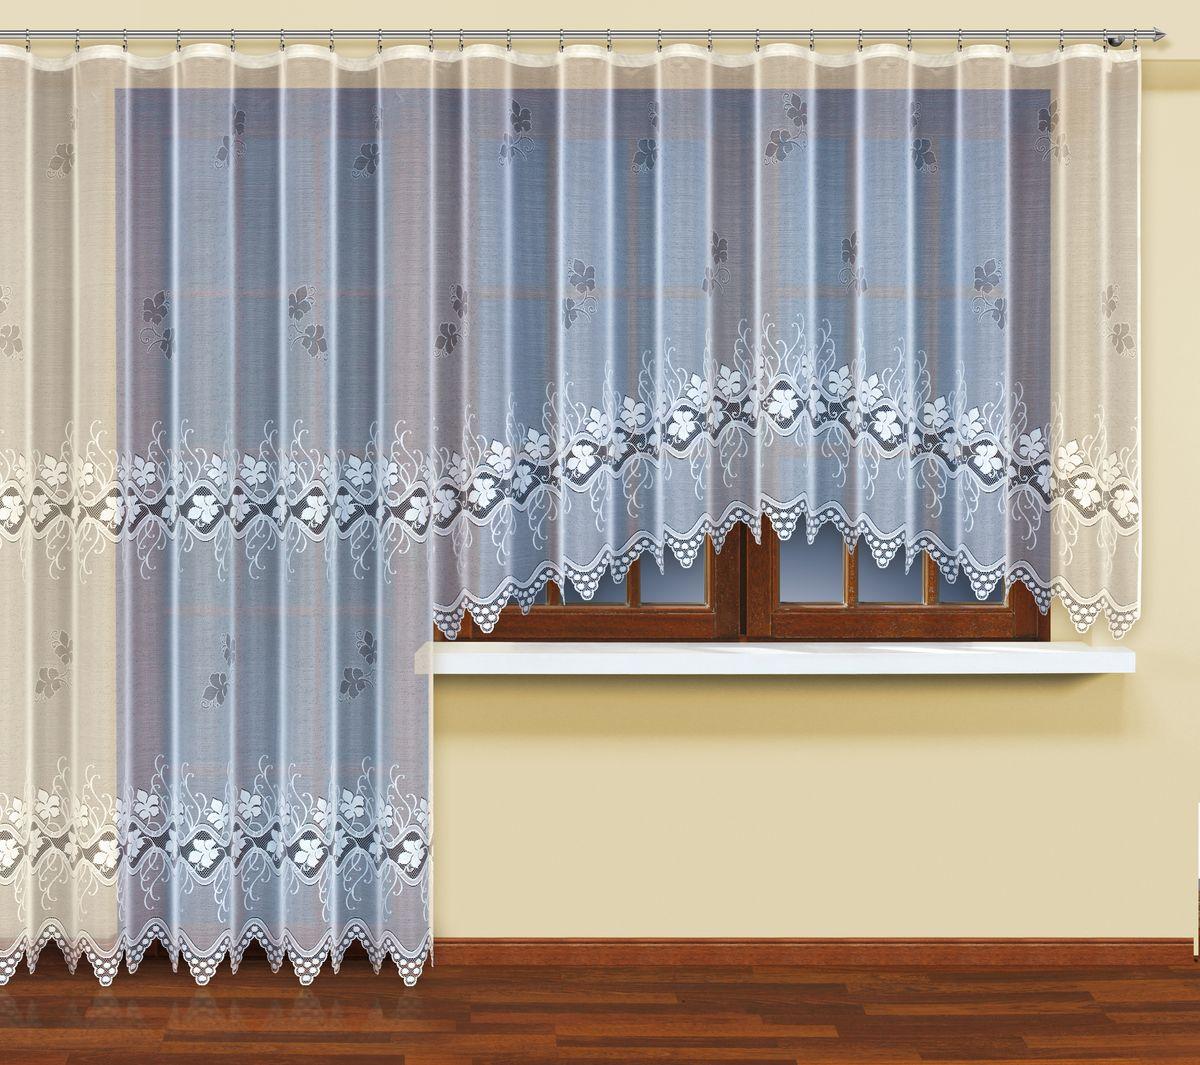 Комплект балконный HAFT 400*160+200*230. 222572202240/50 оливаКомплект балконный XAFT 400*160+200*230. 222572Материал: 100% п/э, размер: 400*160+200*230, цвет: белый